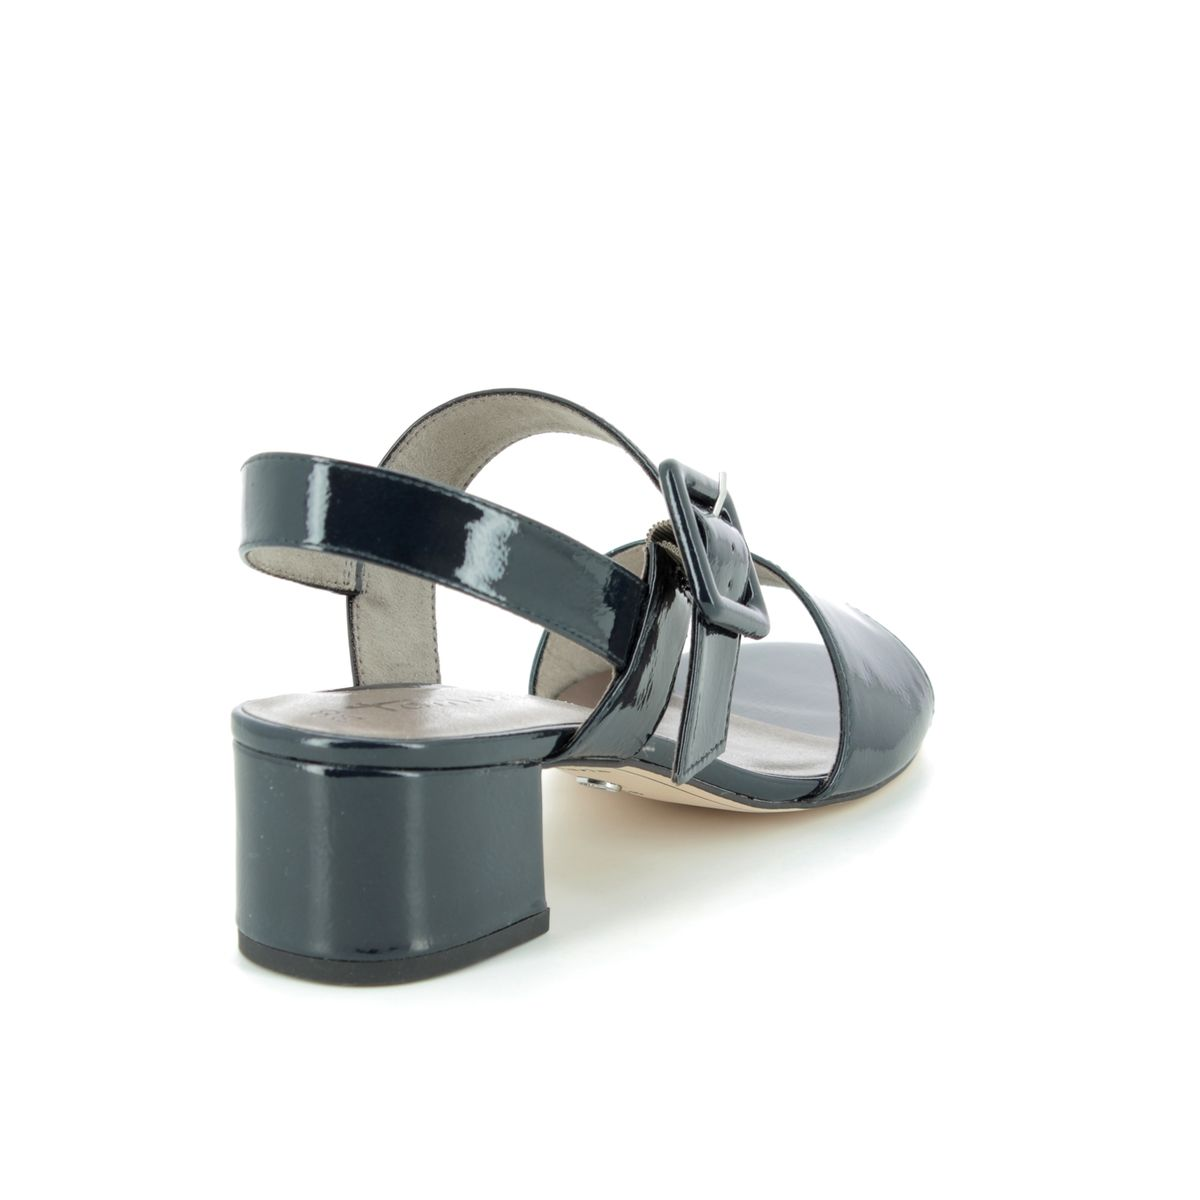 d500acc110d Tamaris Heeled Sandals - Navy patent - 28211 22 826 KOLIBAR